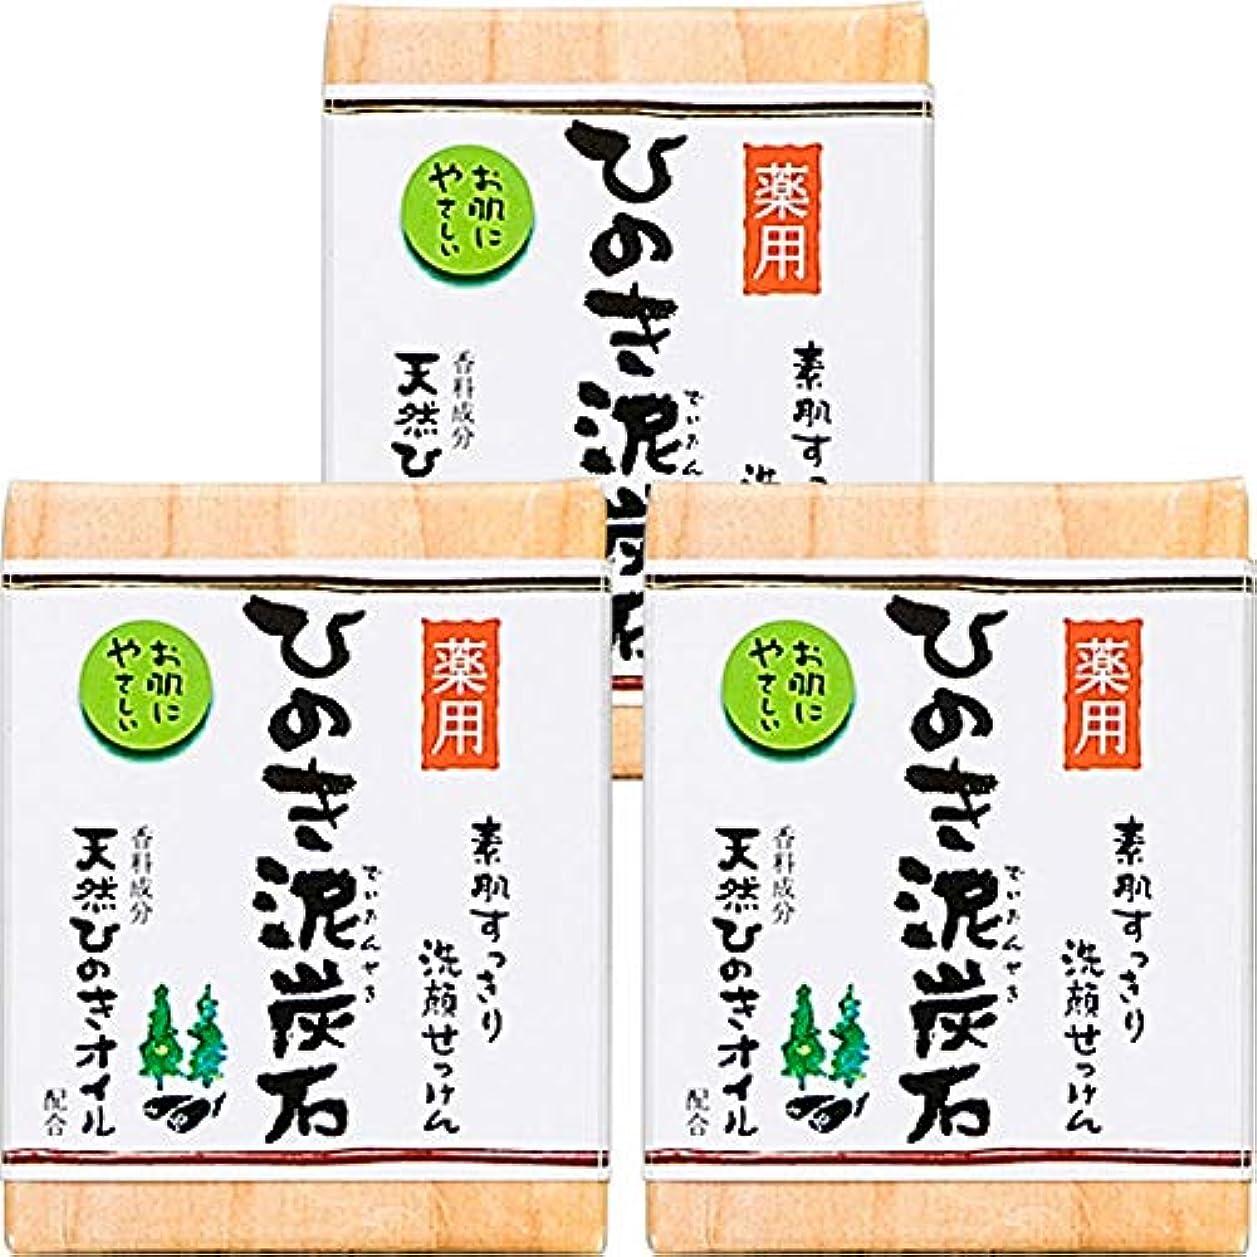 社会科絶対に移動する薬用 ひのき泥炭石 (75g×3個) 洗顔 石けん [天然ひのきオイル配合] 肌荒れ防止